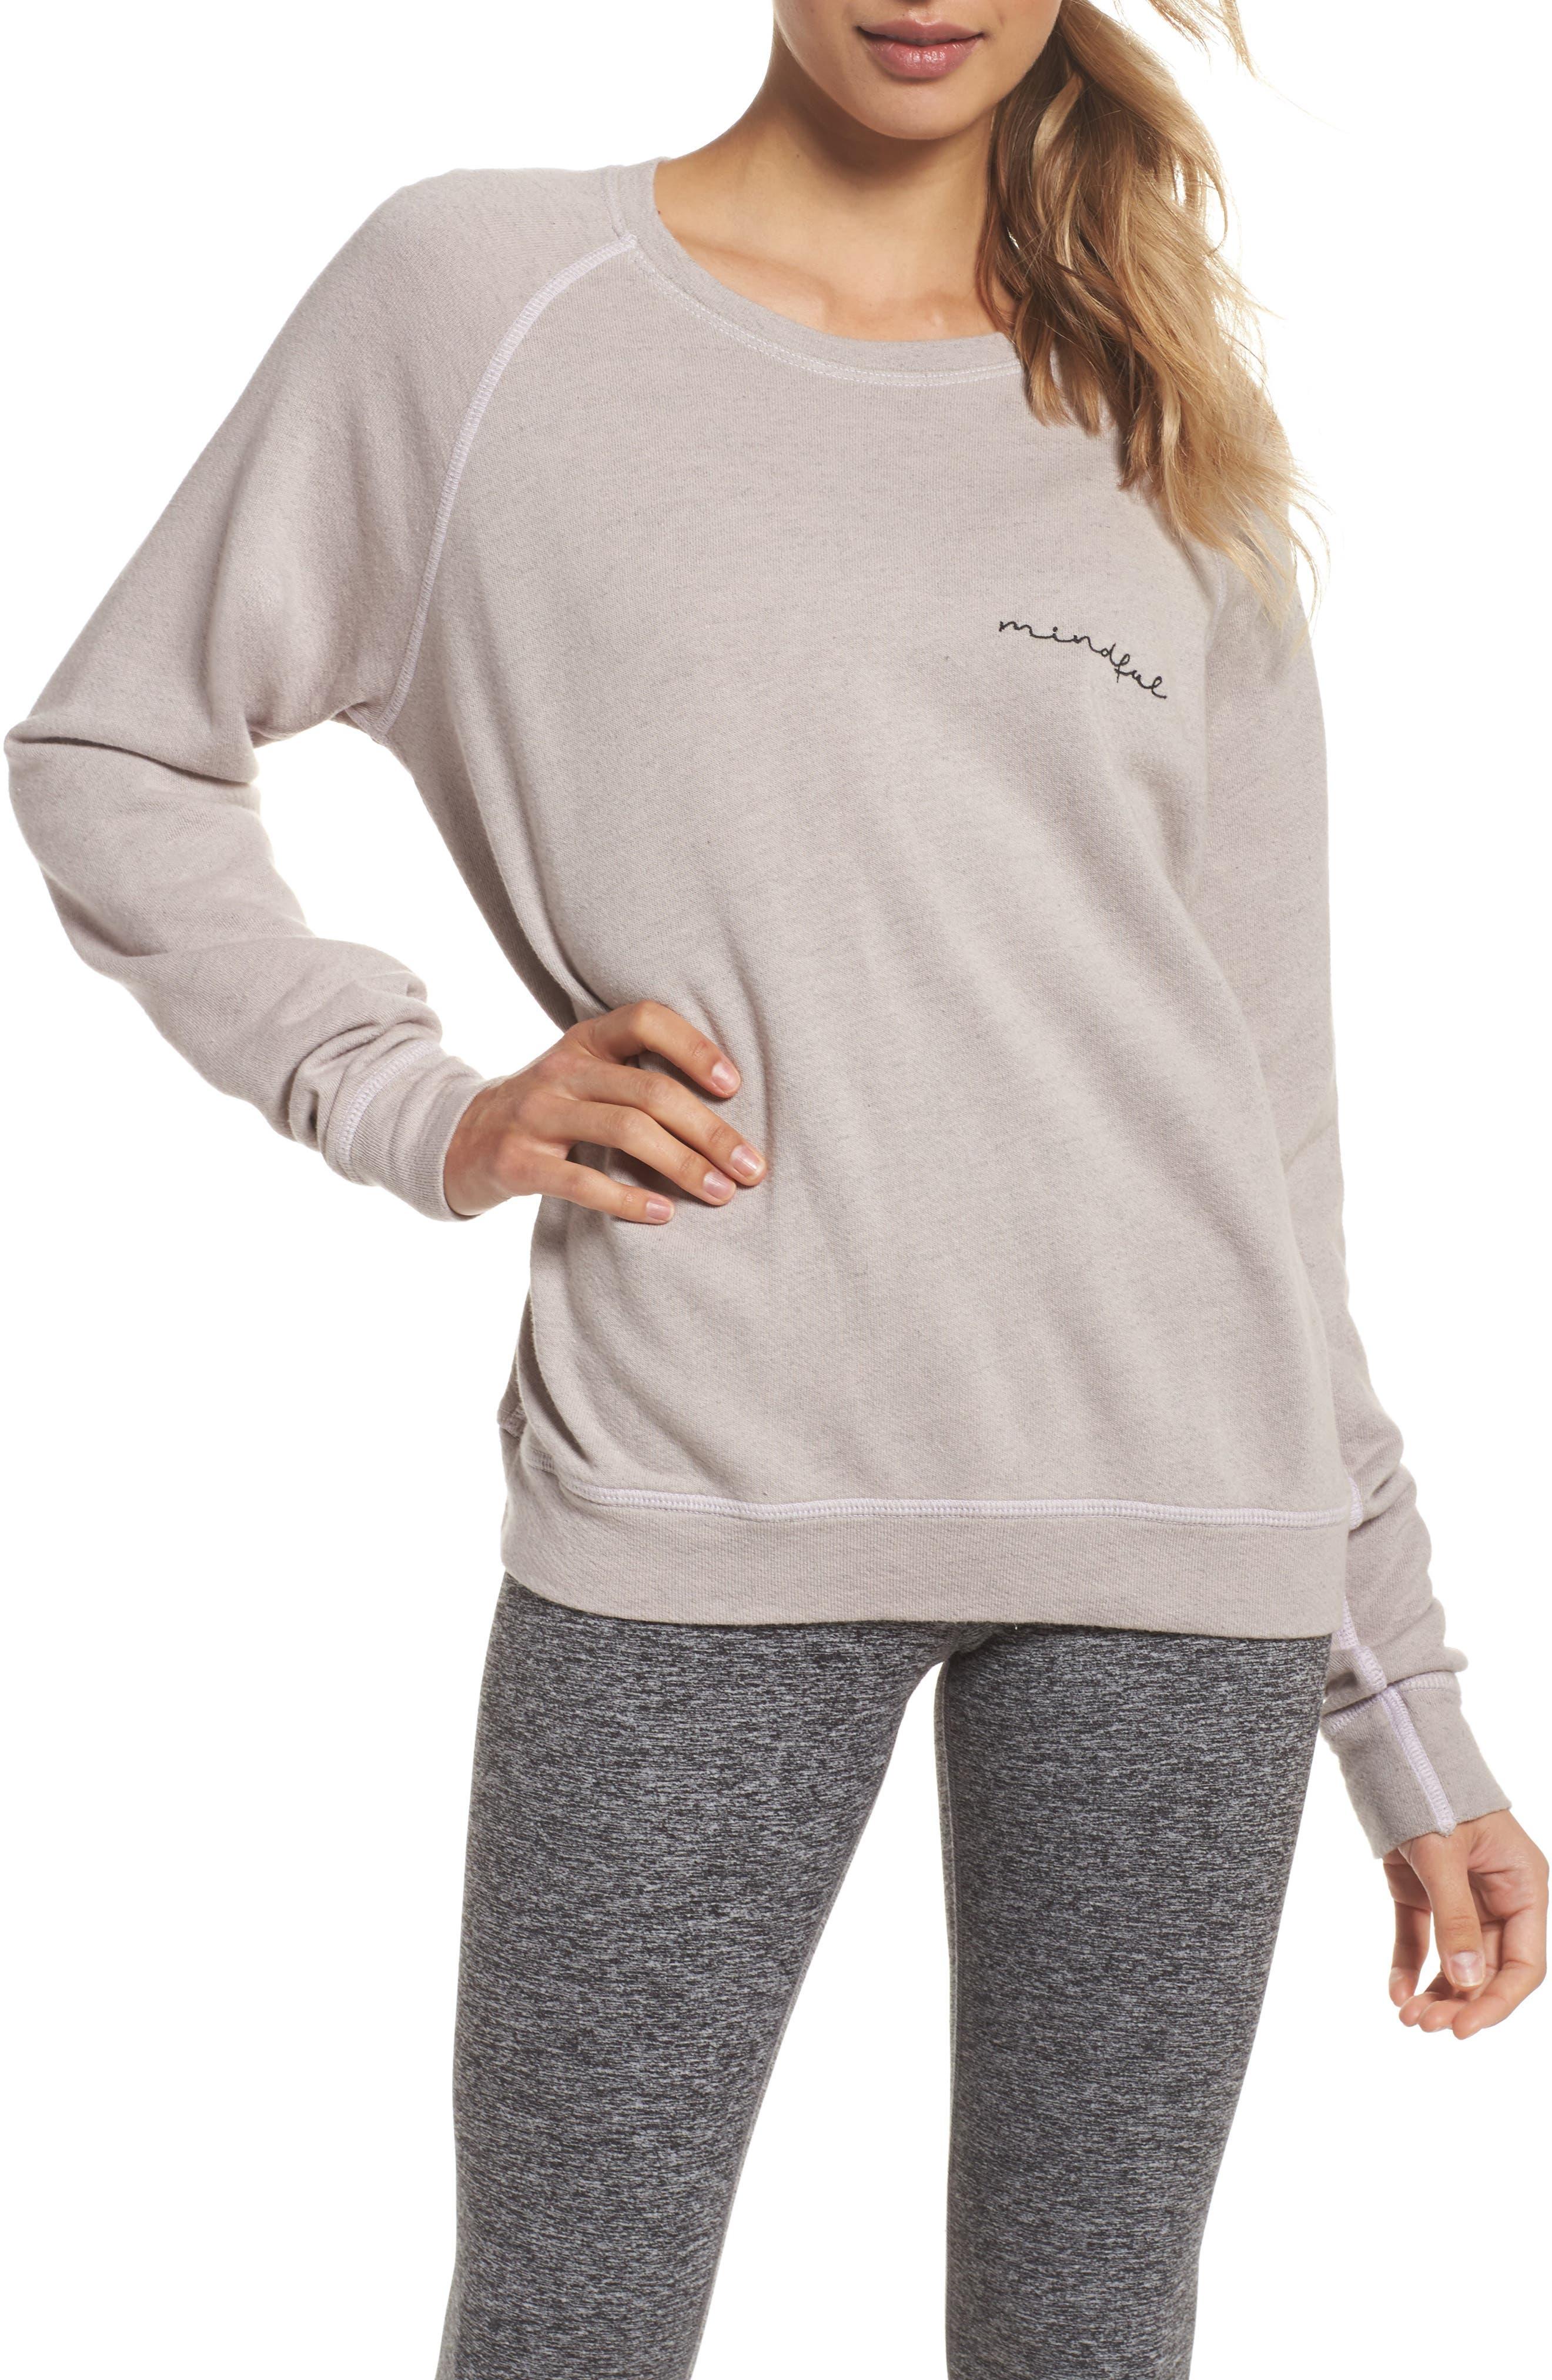 Good Hyouman Smith Mindful Sweatshirt